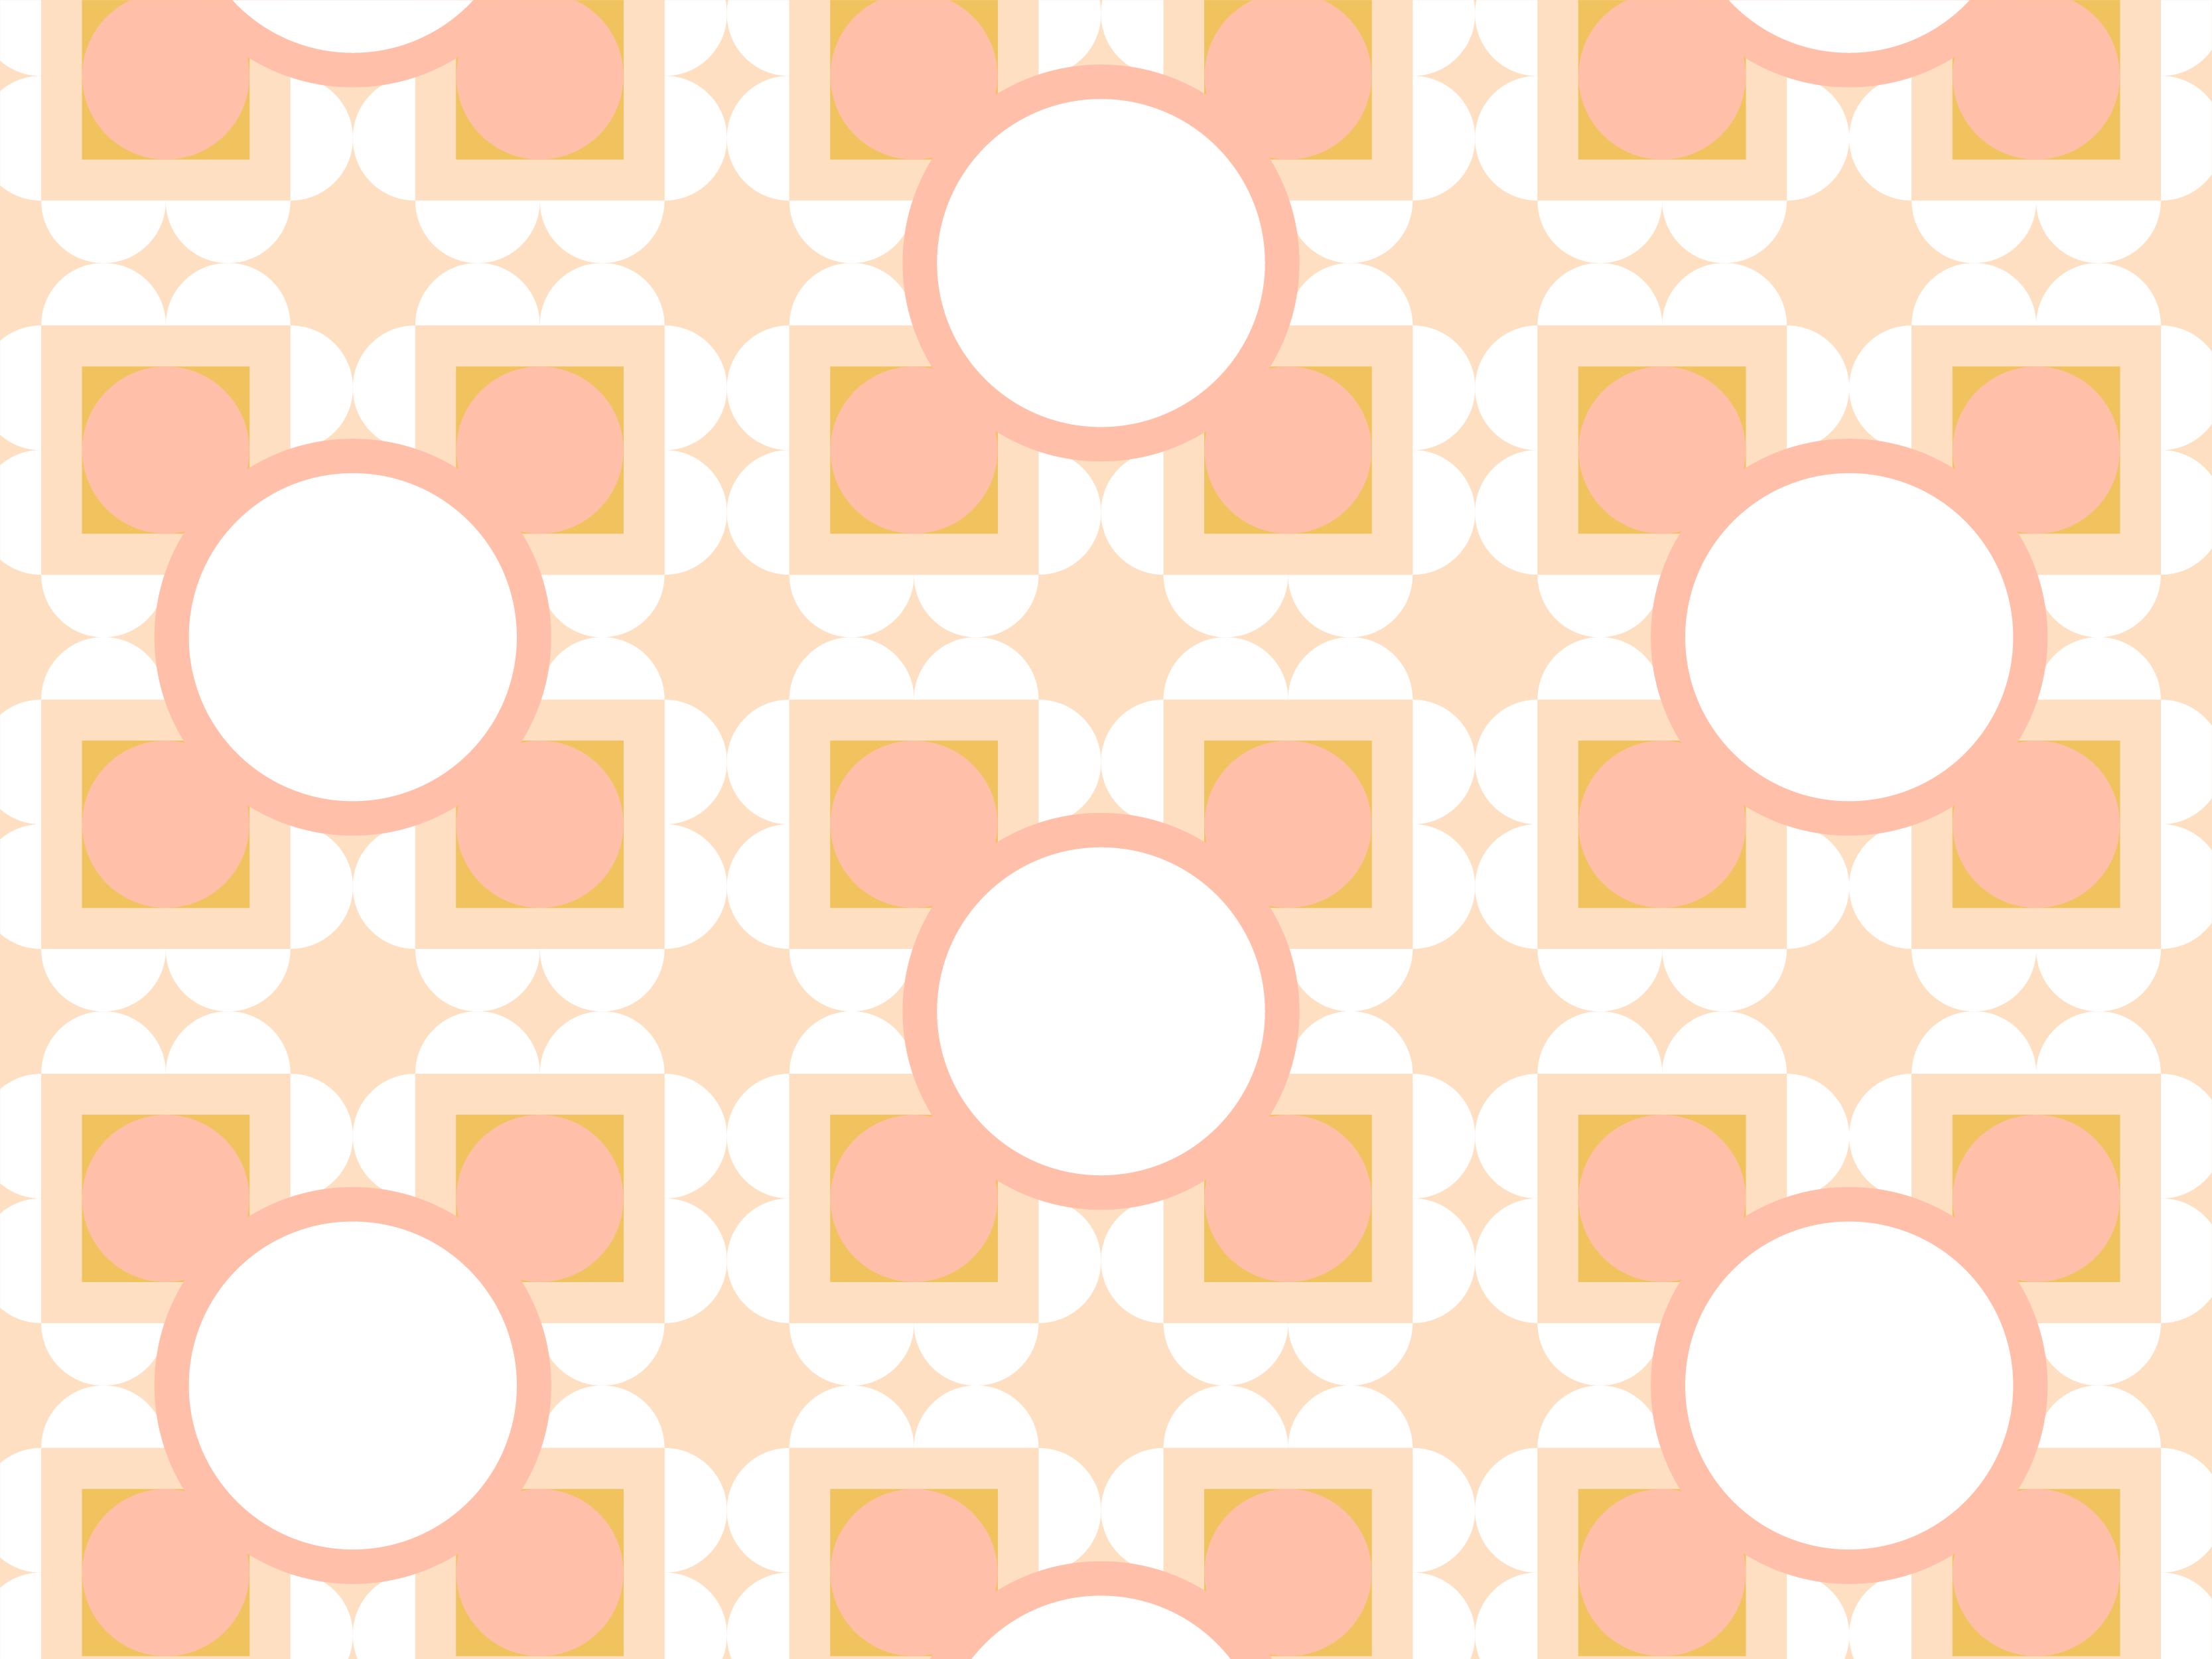 19 05 15 pattern no 20 01